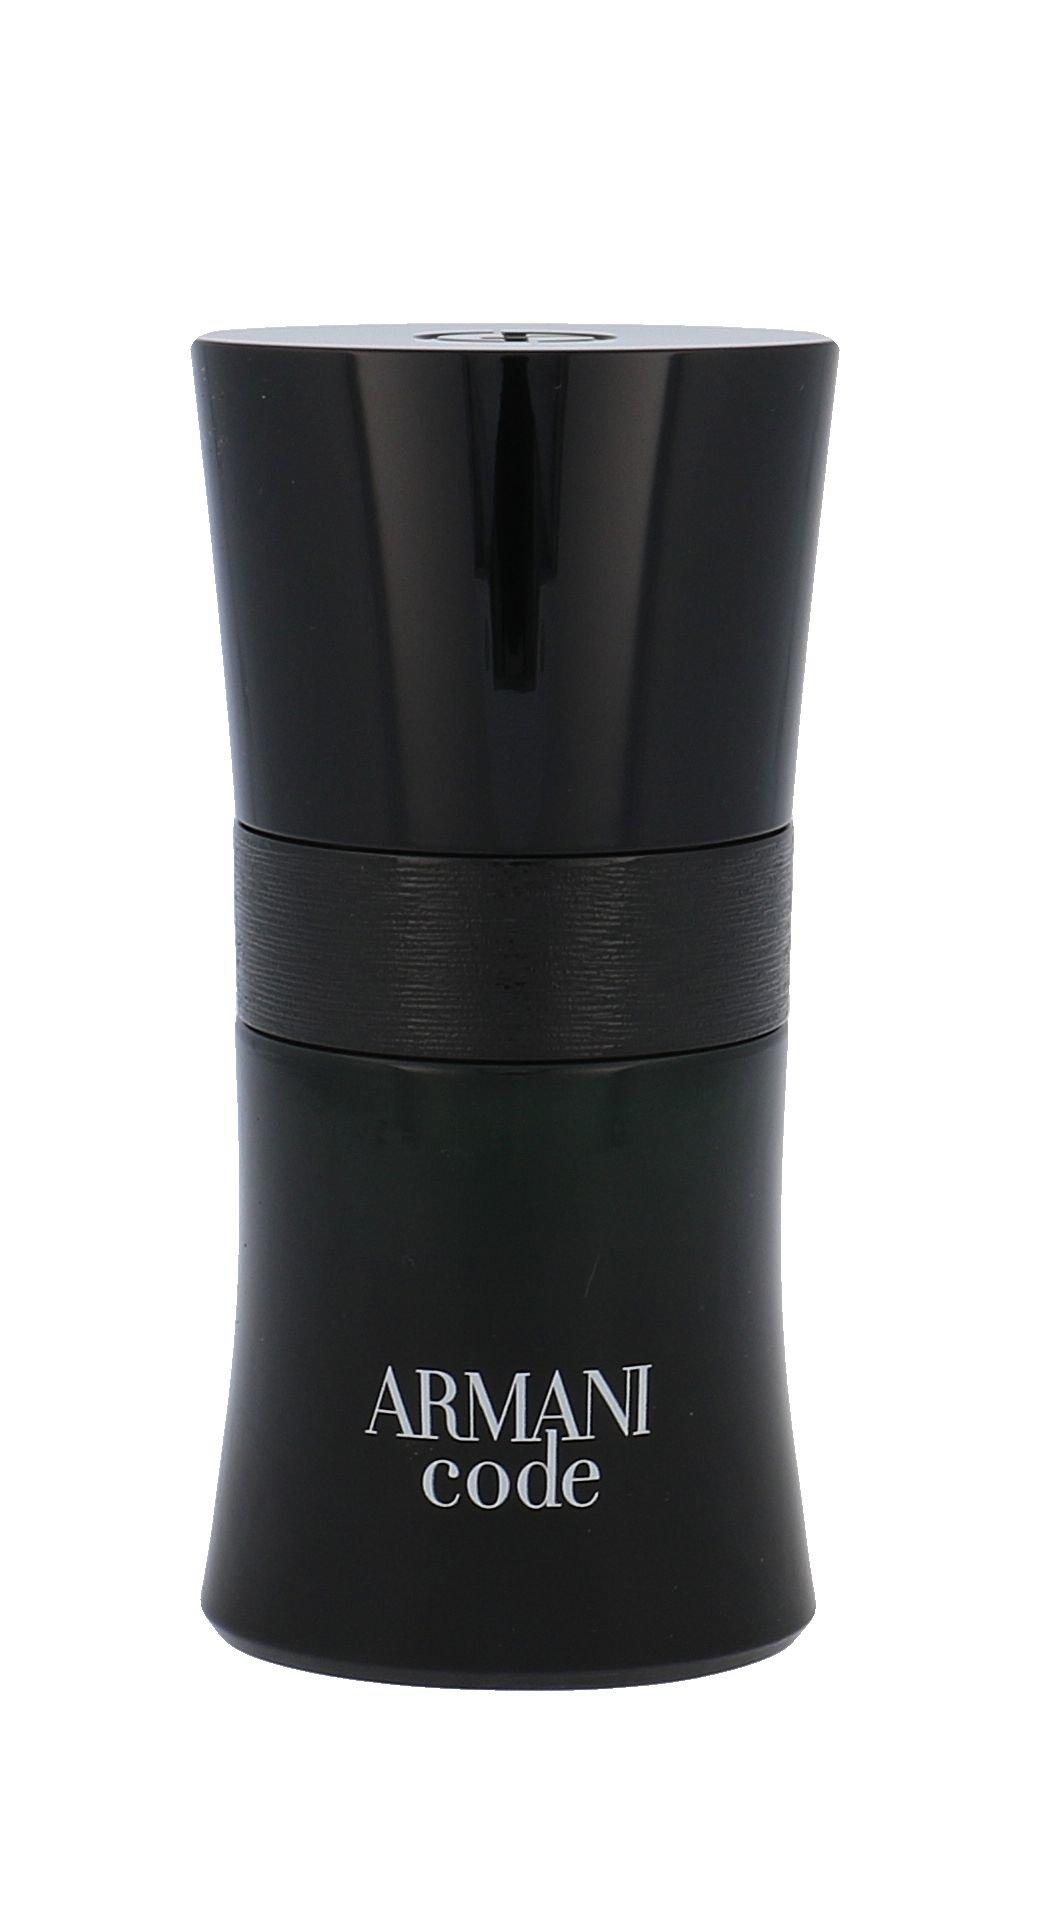 Giorgio Armani Armani Code Pour Homme EDT 30ml